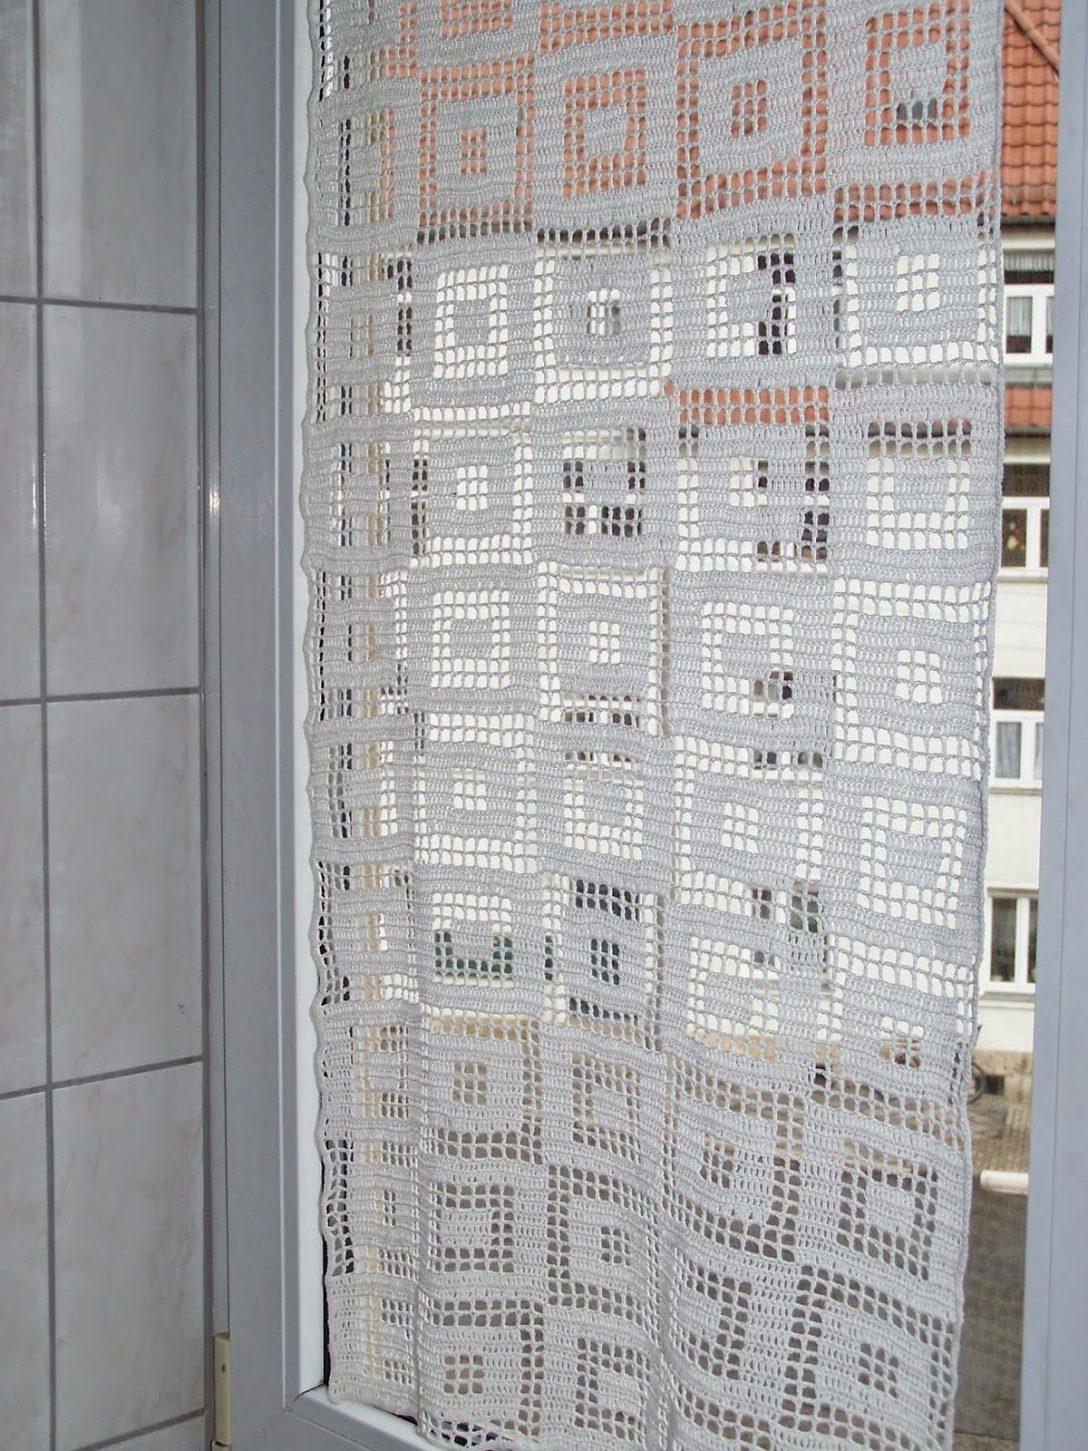 Large Size of Gardine Im Bad Gardinen Hkeln Küche Schlafzimmer Für Scheibengardinen Die Wohnzimmer Fenster Wohnzimmer Gardine Häkeln